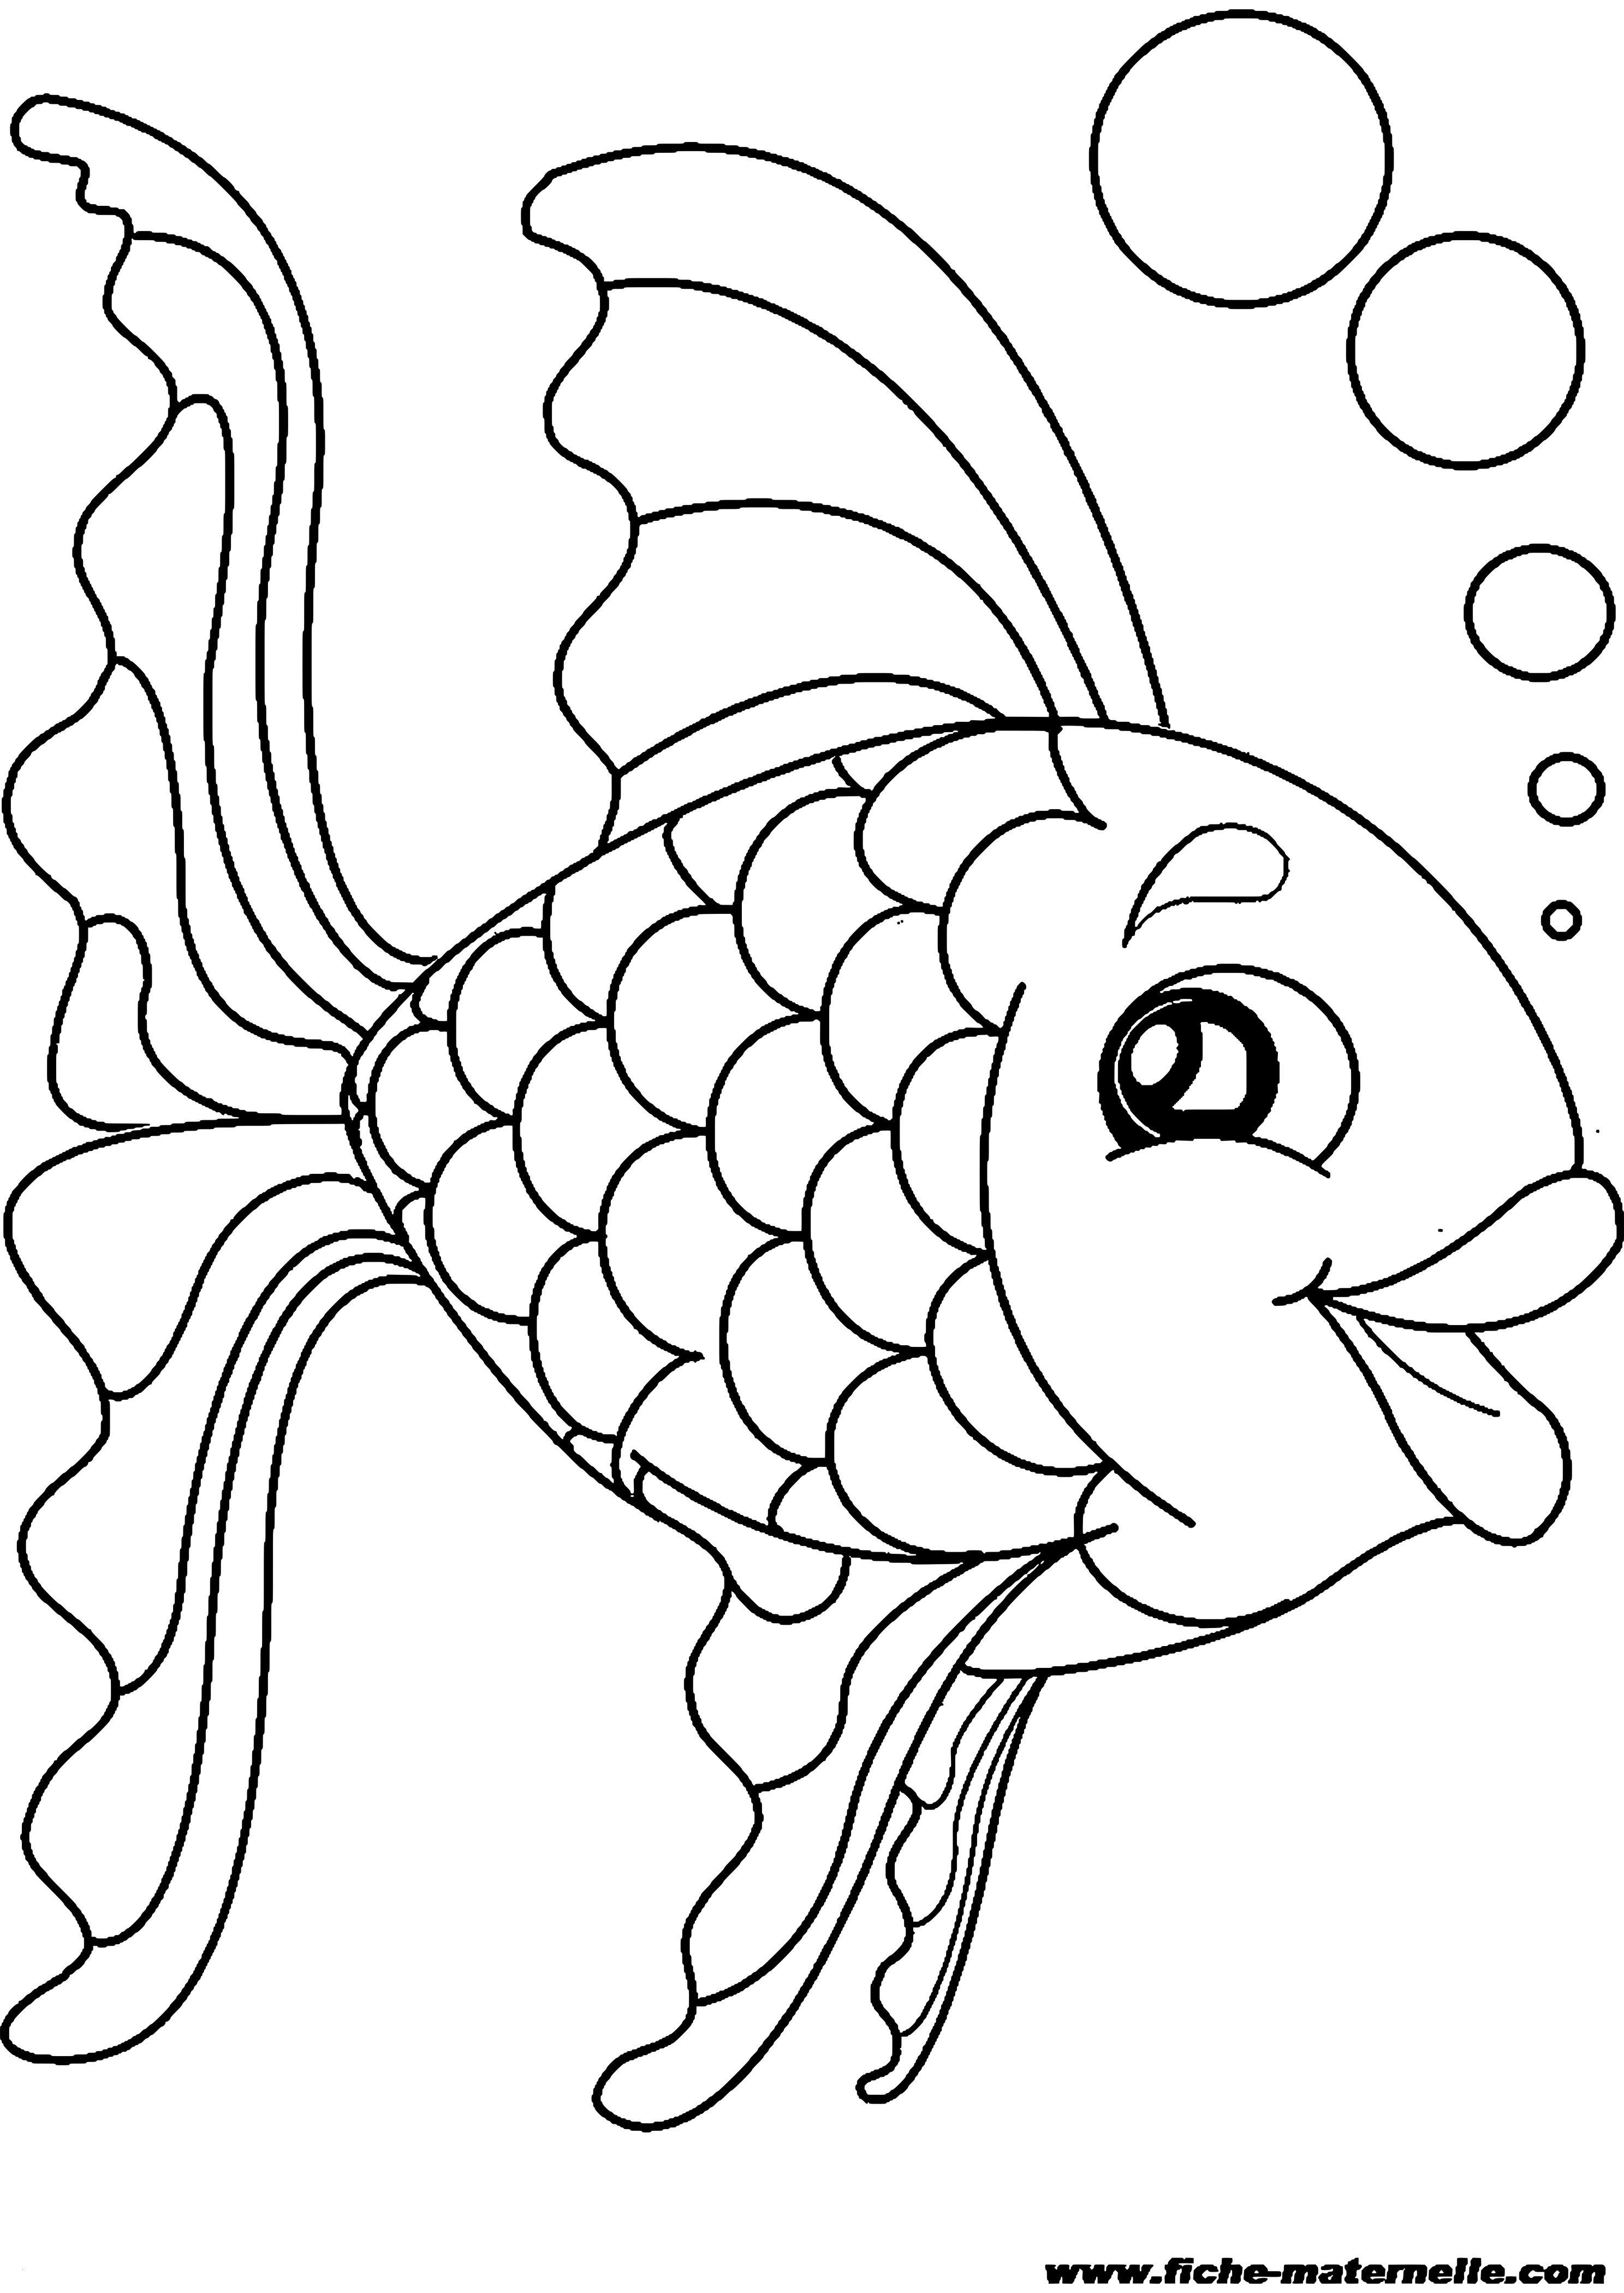 die besten ideen für malvorlagen fische zum ausdrucken